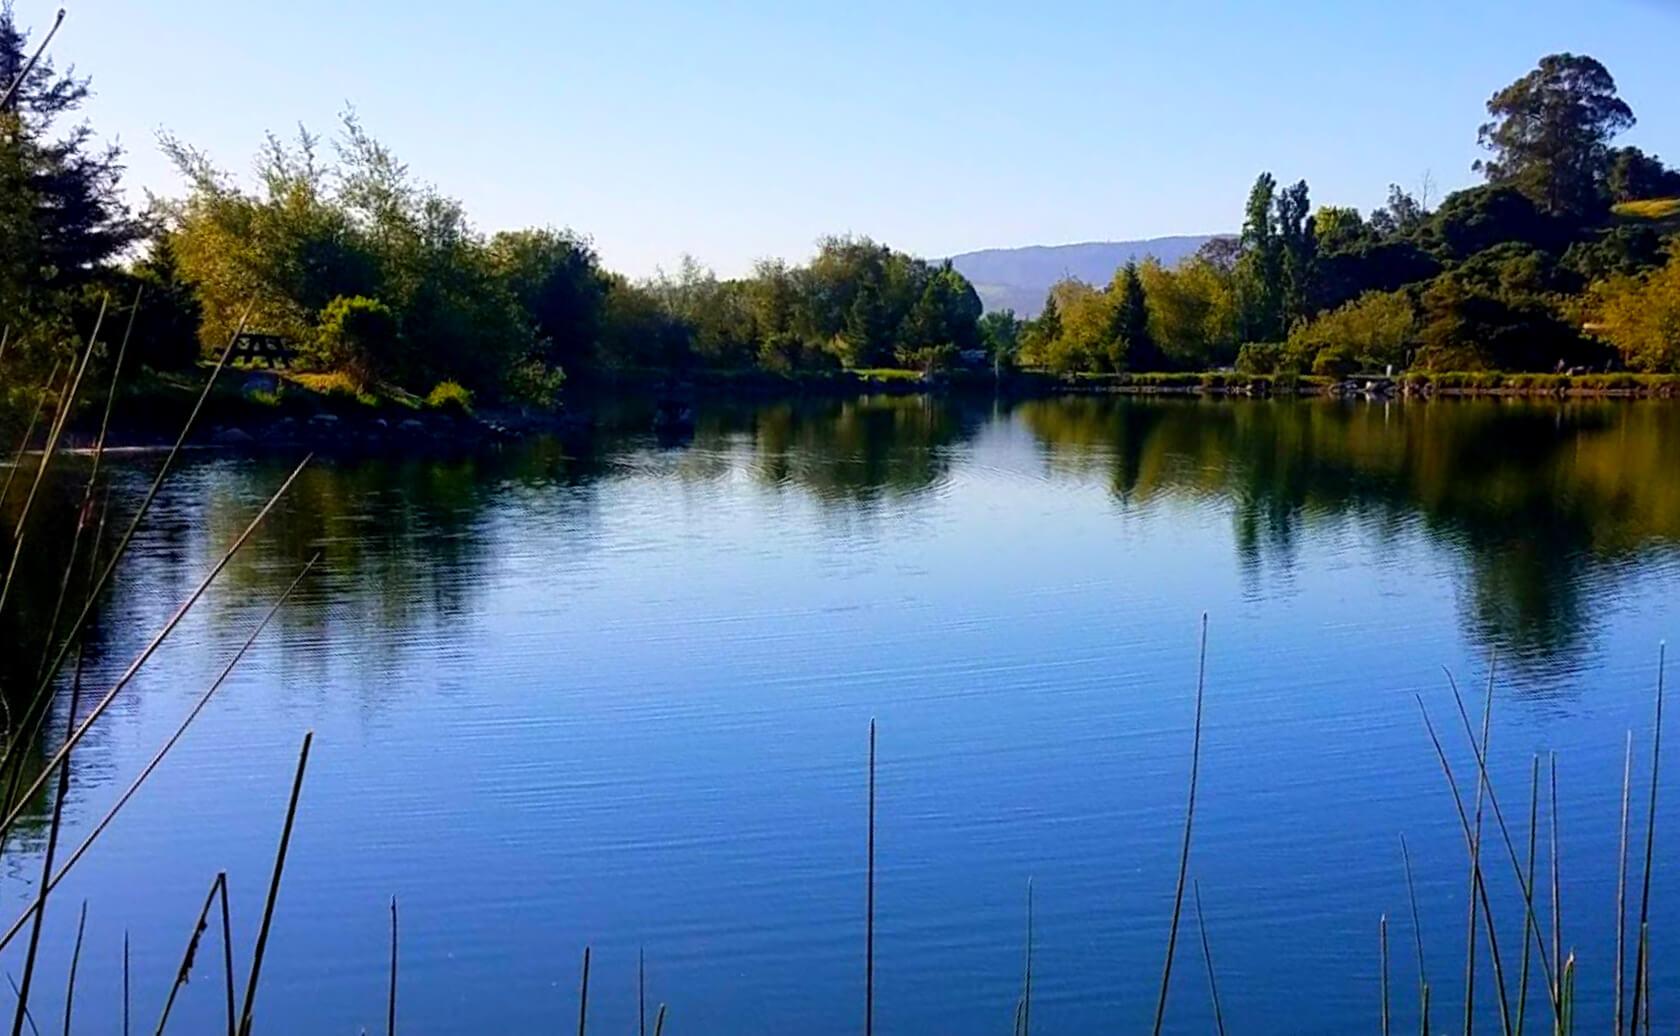 McAlpine-Lake-fishing-guide-report-San-Juan-Bautista-ca-01